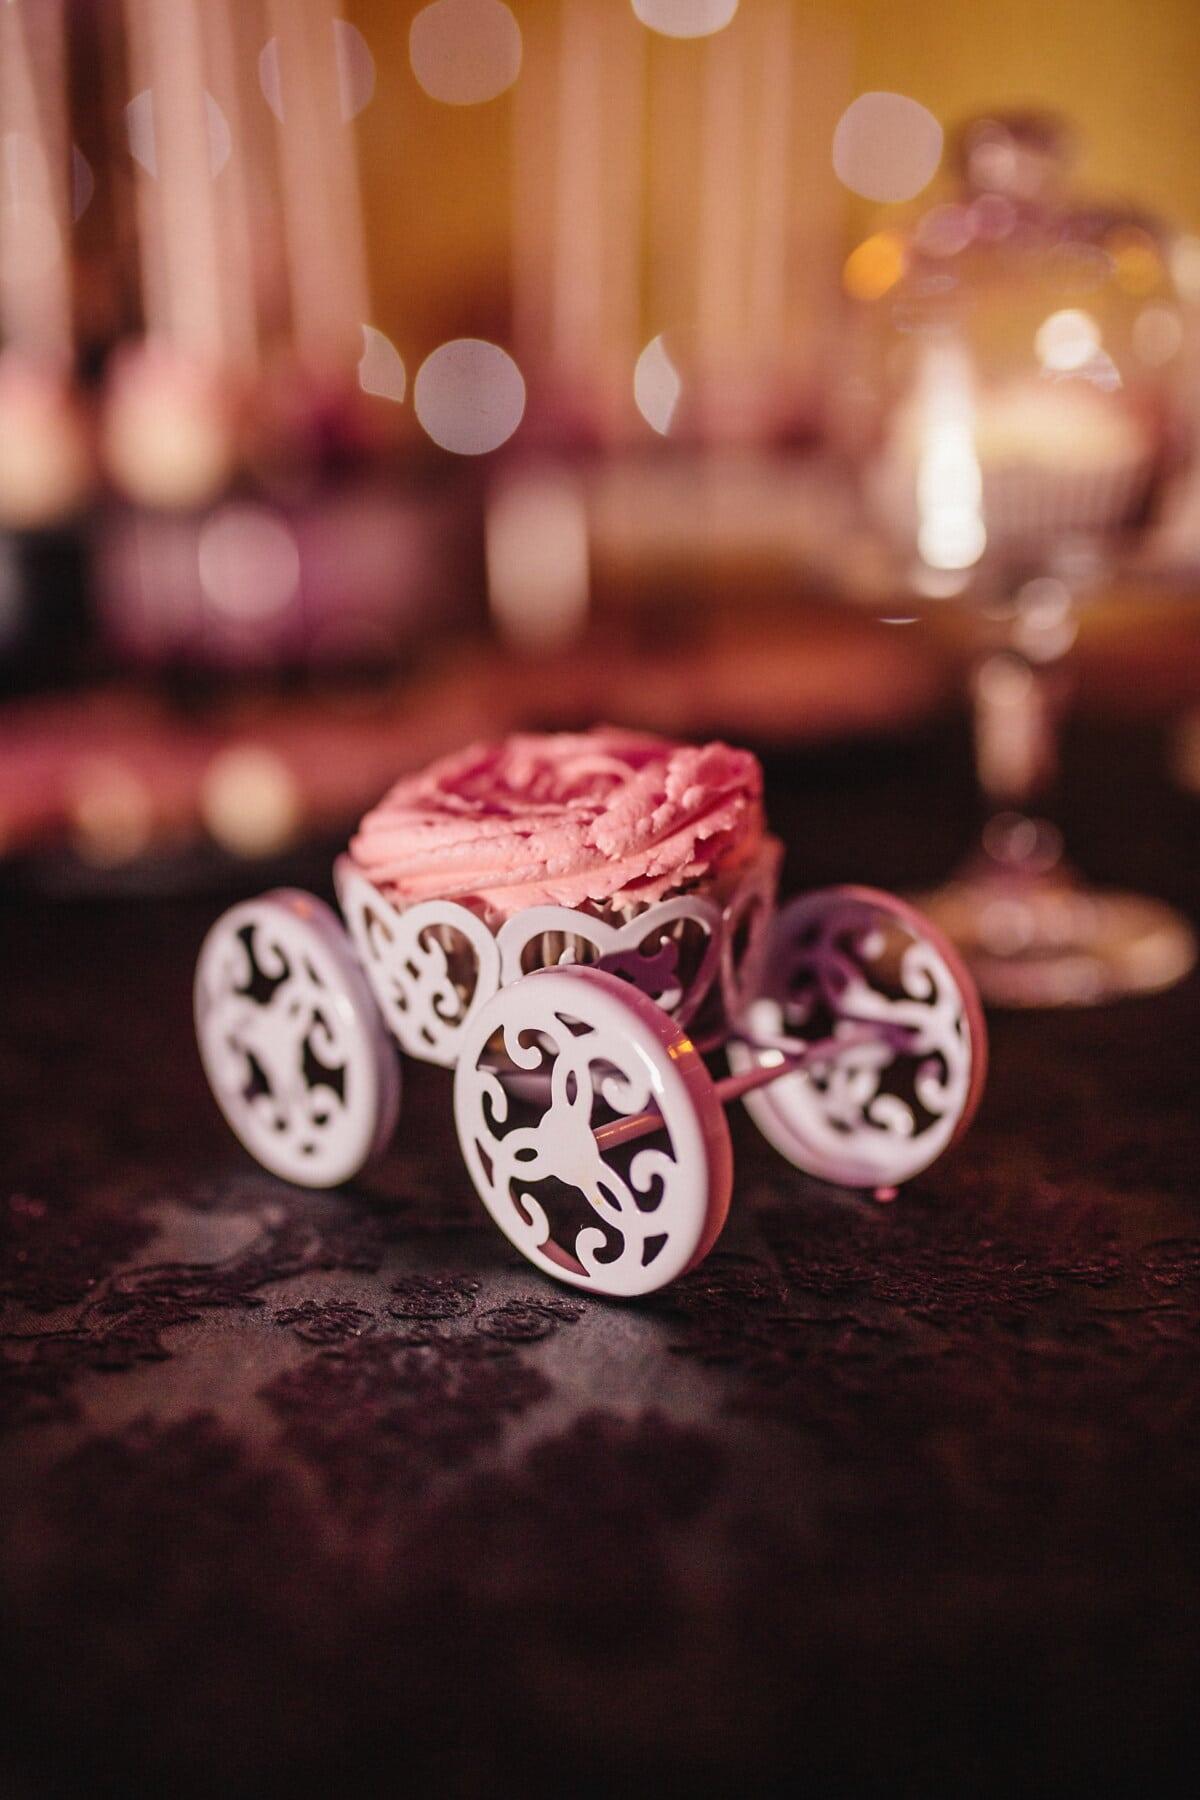 Cupcake, Geburtstag, Rosa, Dekoration, drinnen, traditionelle, Feier, Romantik, glänzend, hell